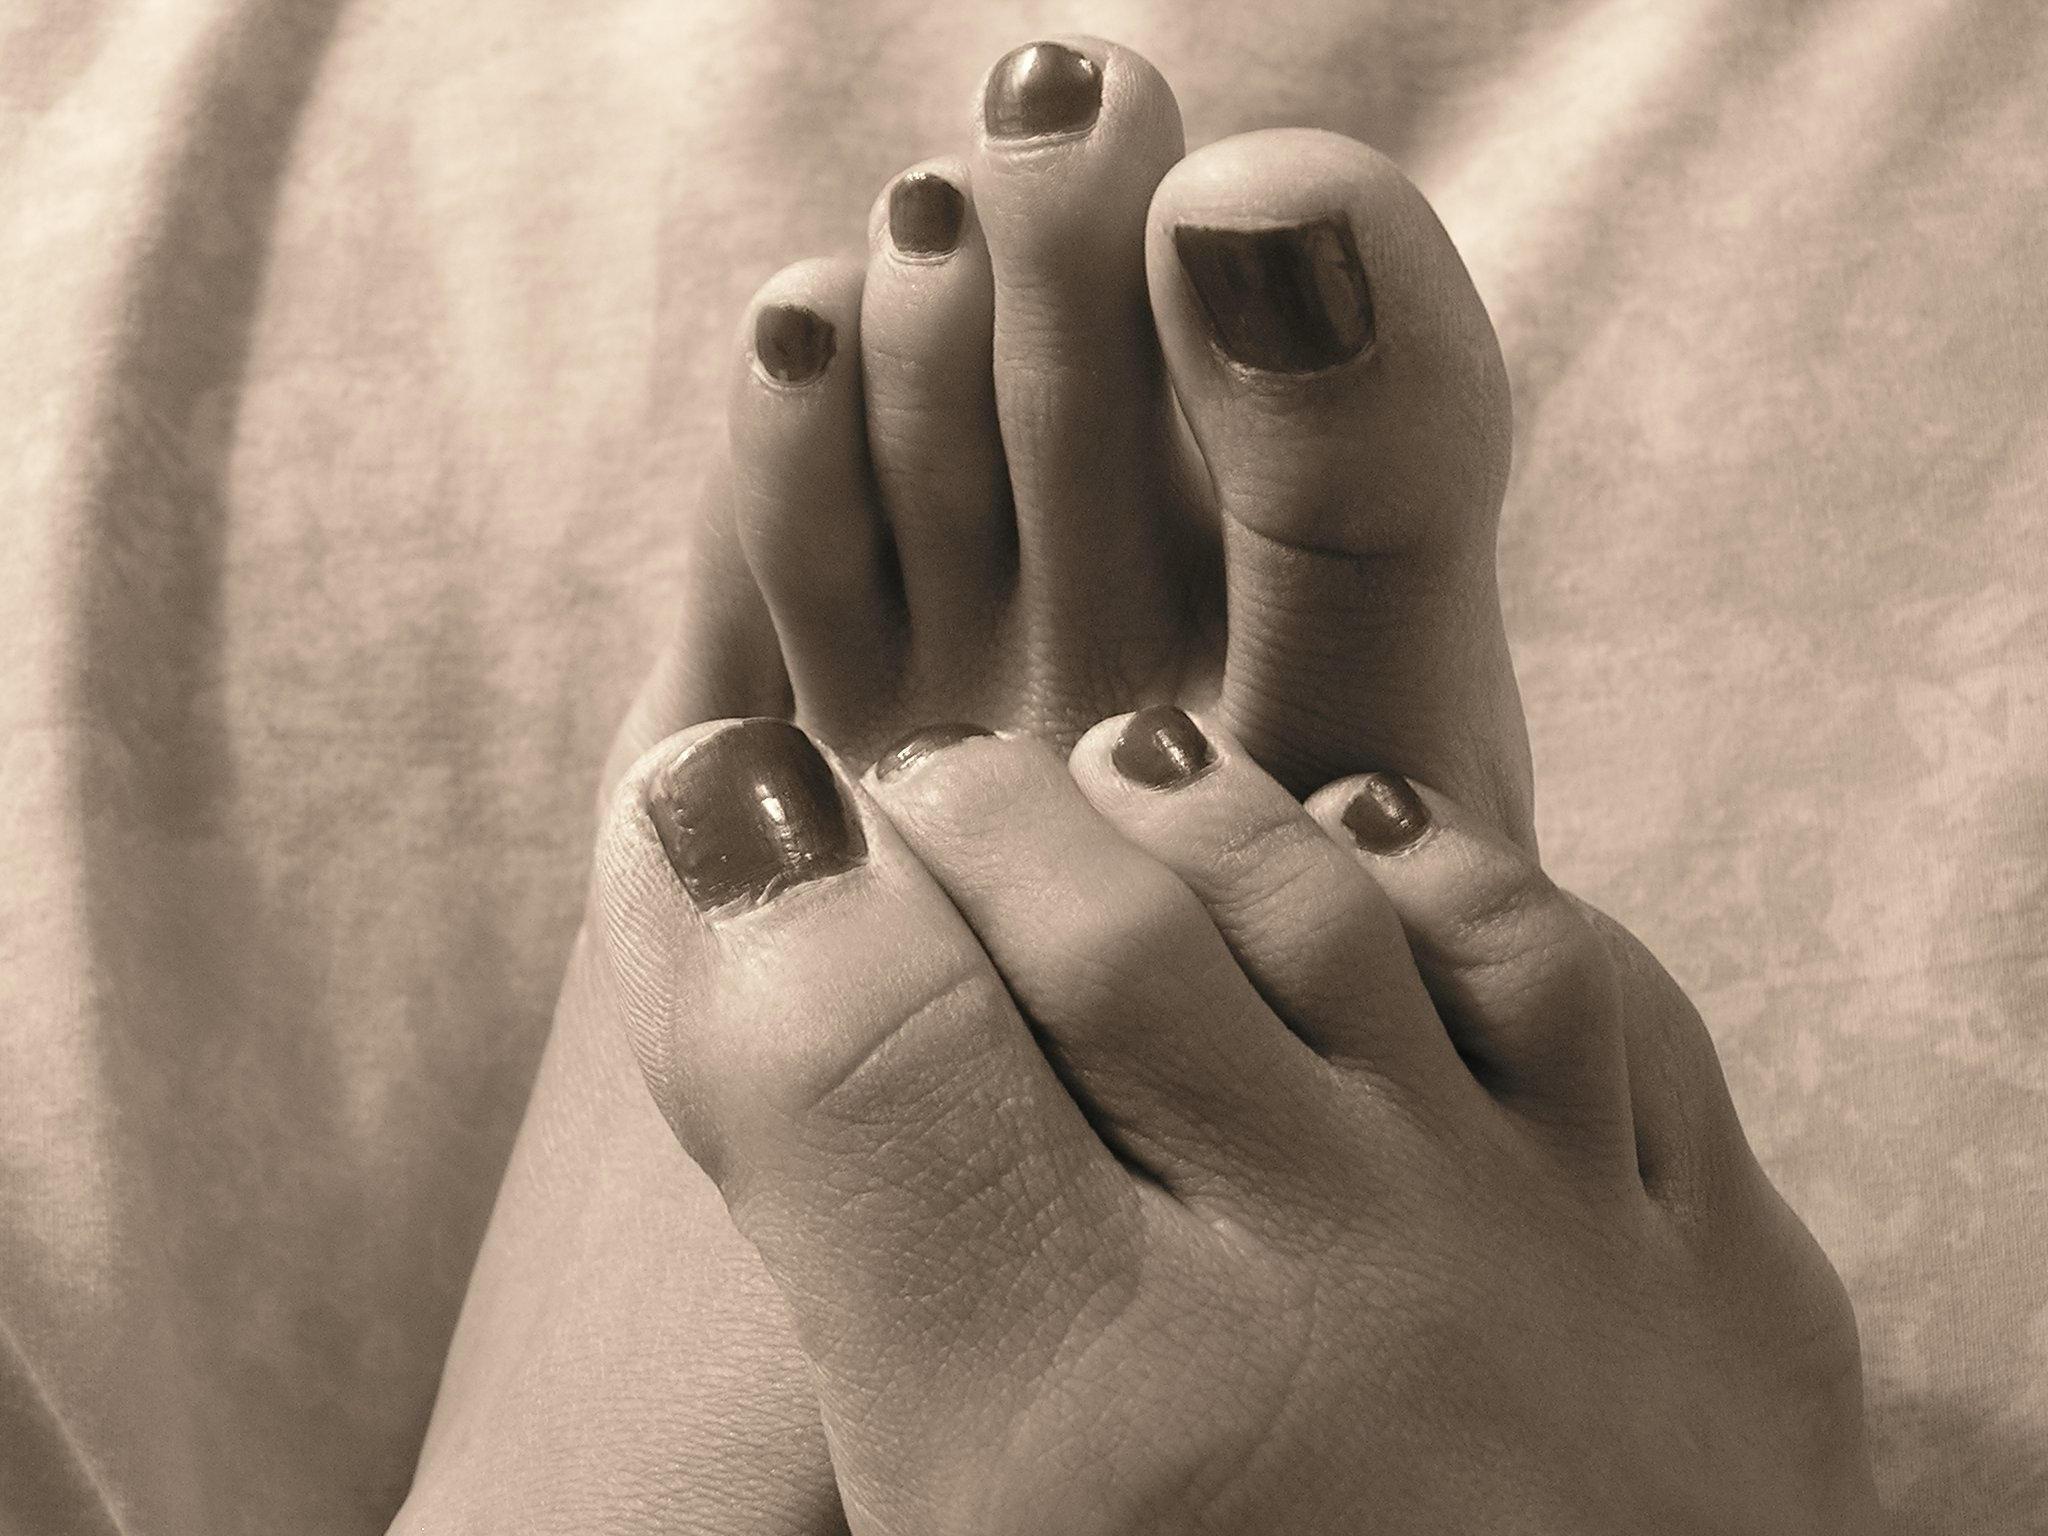 Feet by kisforkitten